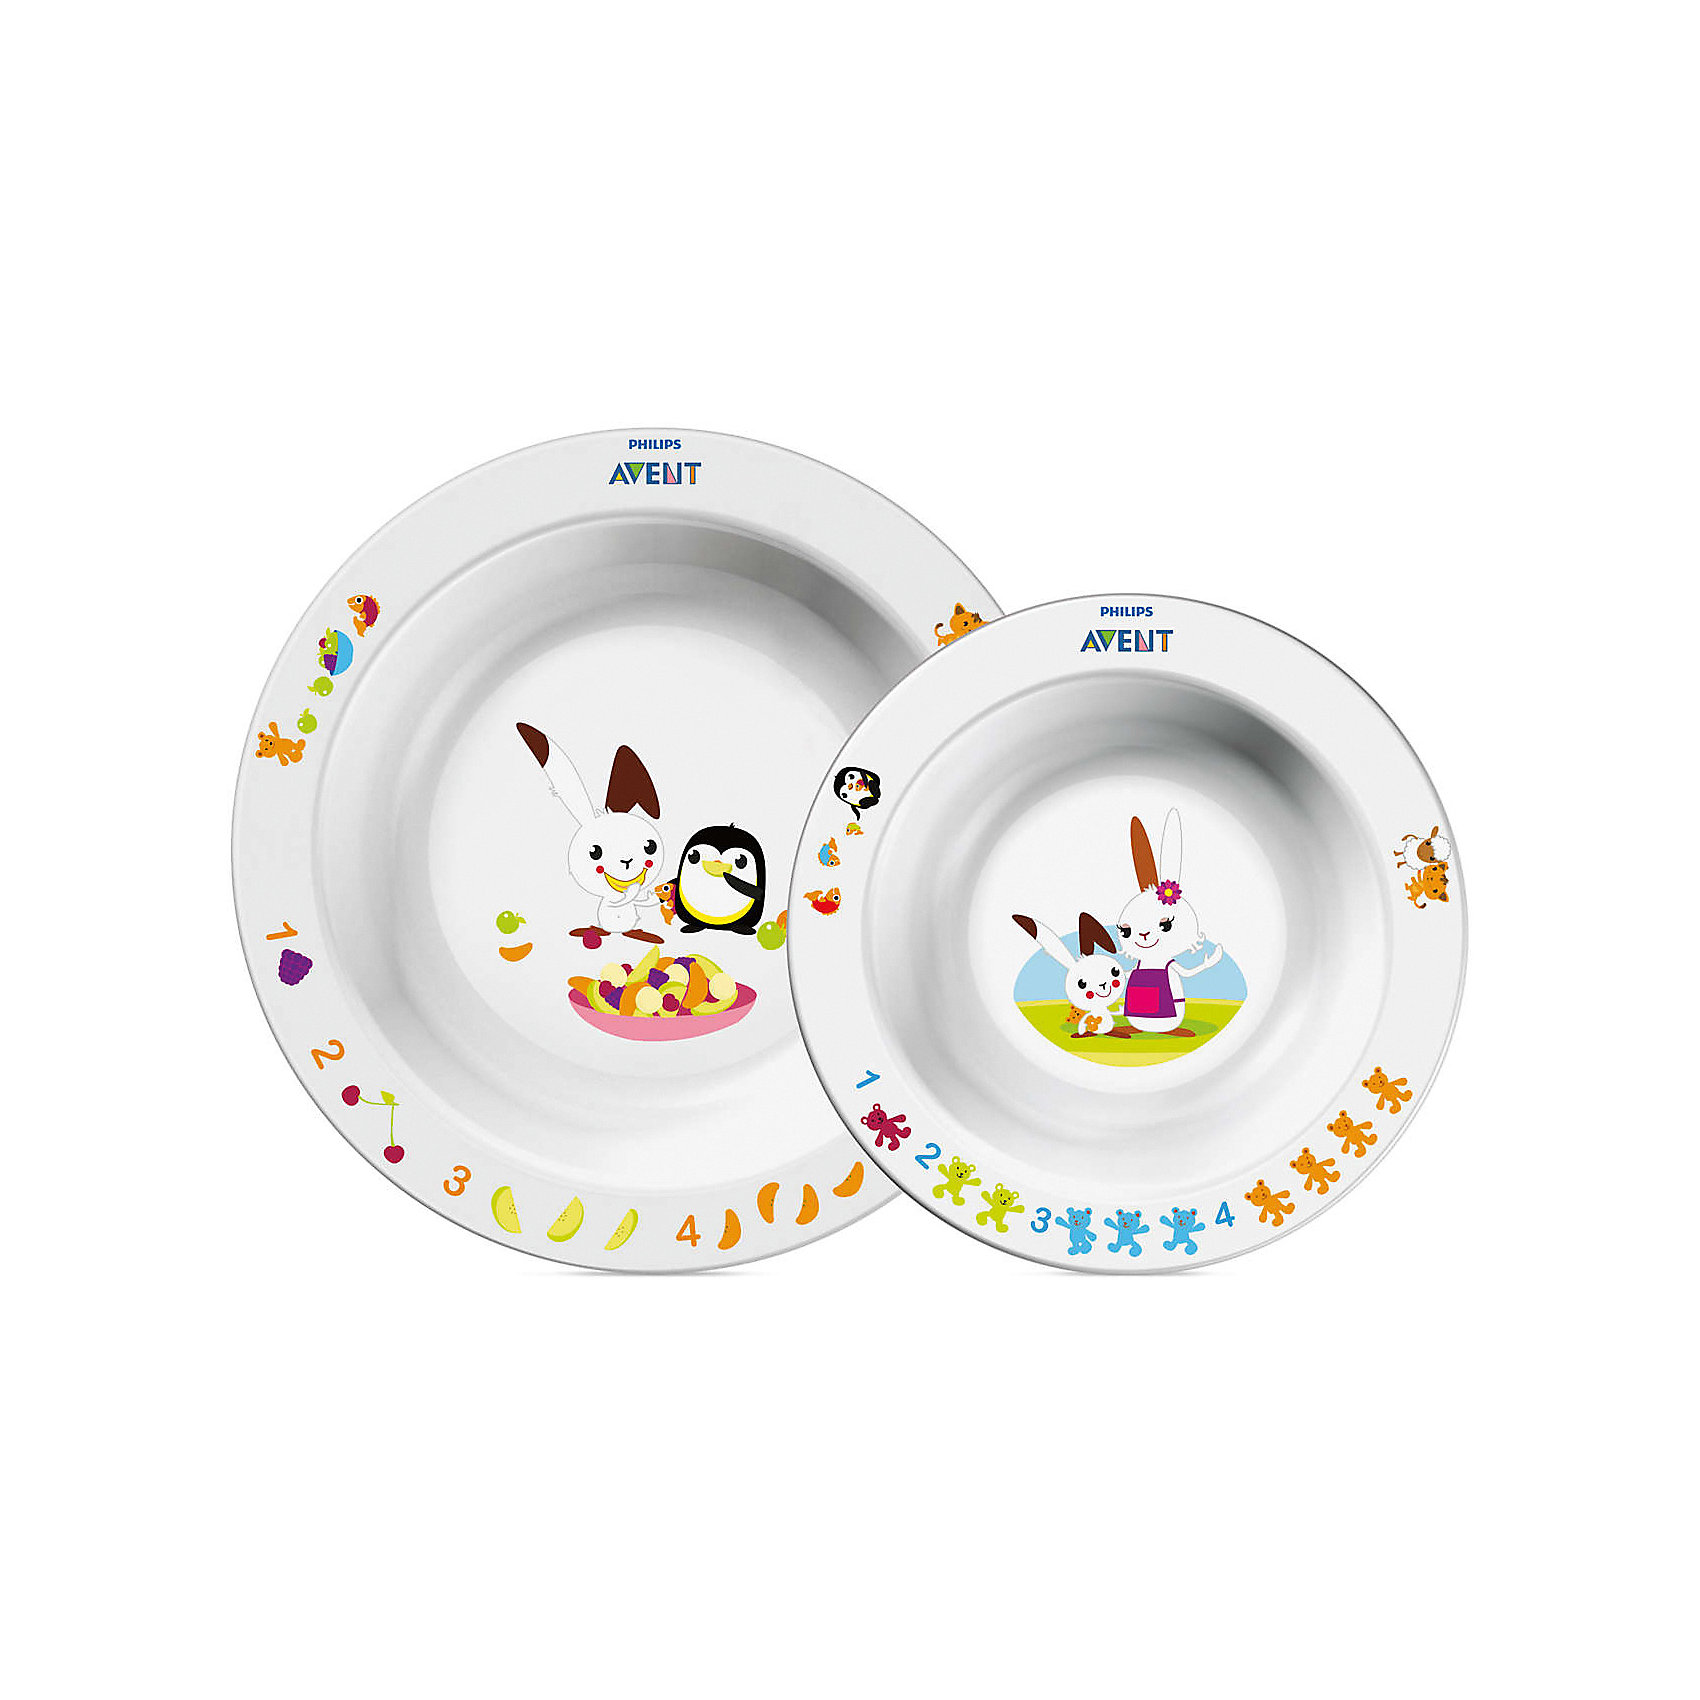 Набор из 2 глубоких тарелок , большая и маленькая, AVENTНабор детских тарелок (Глубокая тарелка большая + Глубокая тарелка малая) <br>Philips AVENT (Авент) идеально подойдёт малышам, которые стремятся скорее научиться самостоятельно есть! <br>Забавный сказочный герой кролик Труман заинтересует малыша, и кормление превратится в удовольствие!<br><br>Дополнительная информация: <br>- Развивающее оформление<br>- 2 размера тарелок для обеда, закусок и десертов<br>- Нескользящее основание предотвращает проливание<br>- Широкие края удобны для самостоятельного питания <br>- Удобно мыть и хранить<br>- Можно мыть в посудомоечной машине <br>- Можно использовать в микроволновой печи <br>- Без бисфенола-А <br>- Разработано при участии ведущего детского психолога Dr. Gillian Harris<br>- Размеры:<br>маленькая тарелка 40(Г)х140(Ш)х140(В)мм<br>большая тарелка 43(Г)х175(Ш)х175(В)мм<br>- В наборе: тарелки - 2шт.<br><br>Тарелки с весёлым кроликом очень понравятся малышам!<br><br>Ширина мм: 50<br>Глубина мм: 210<br>Высота мм: 260<br>Вес г: 232<br>Возраст от месяцев: 12<br>Возраст до месяцев: 72<br>Пол: Унисекс<br>Возраст: Детский<br>SKU: 2174540